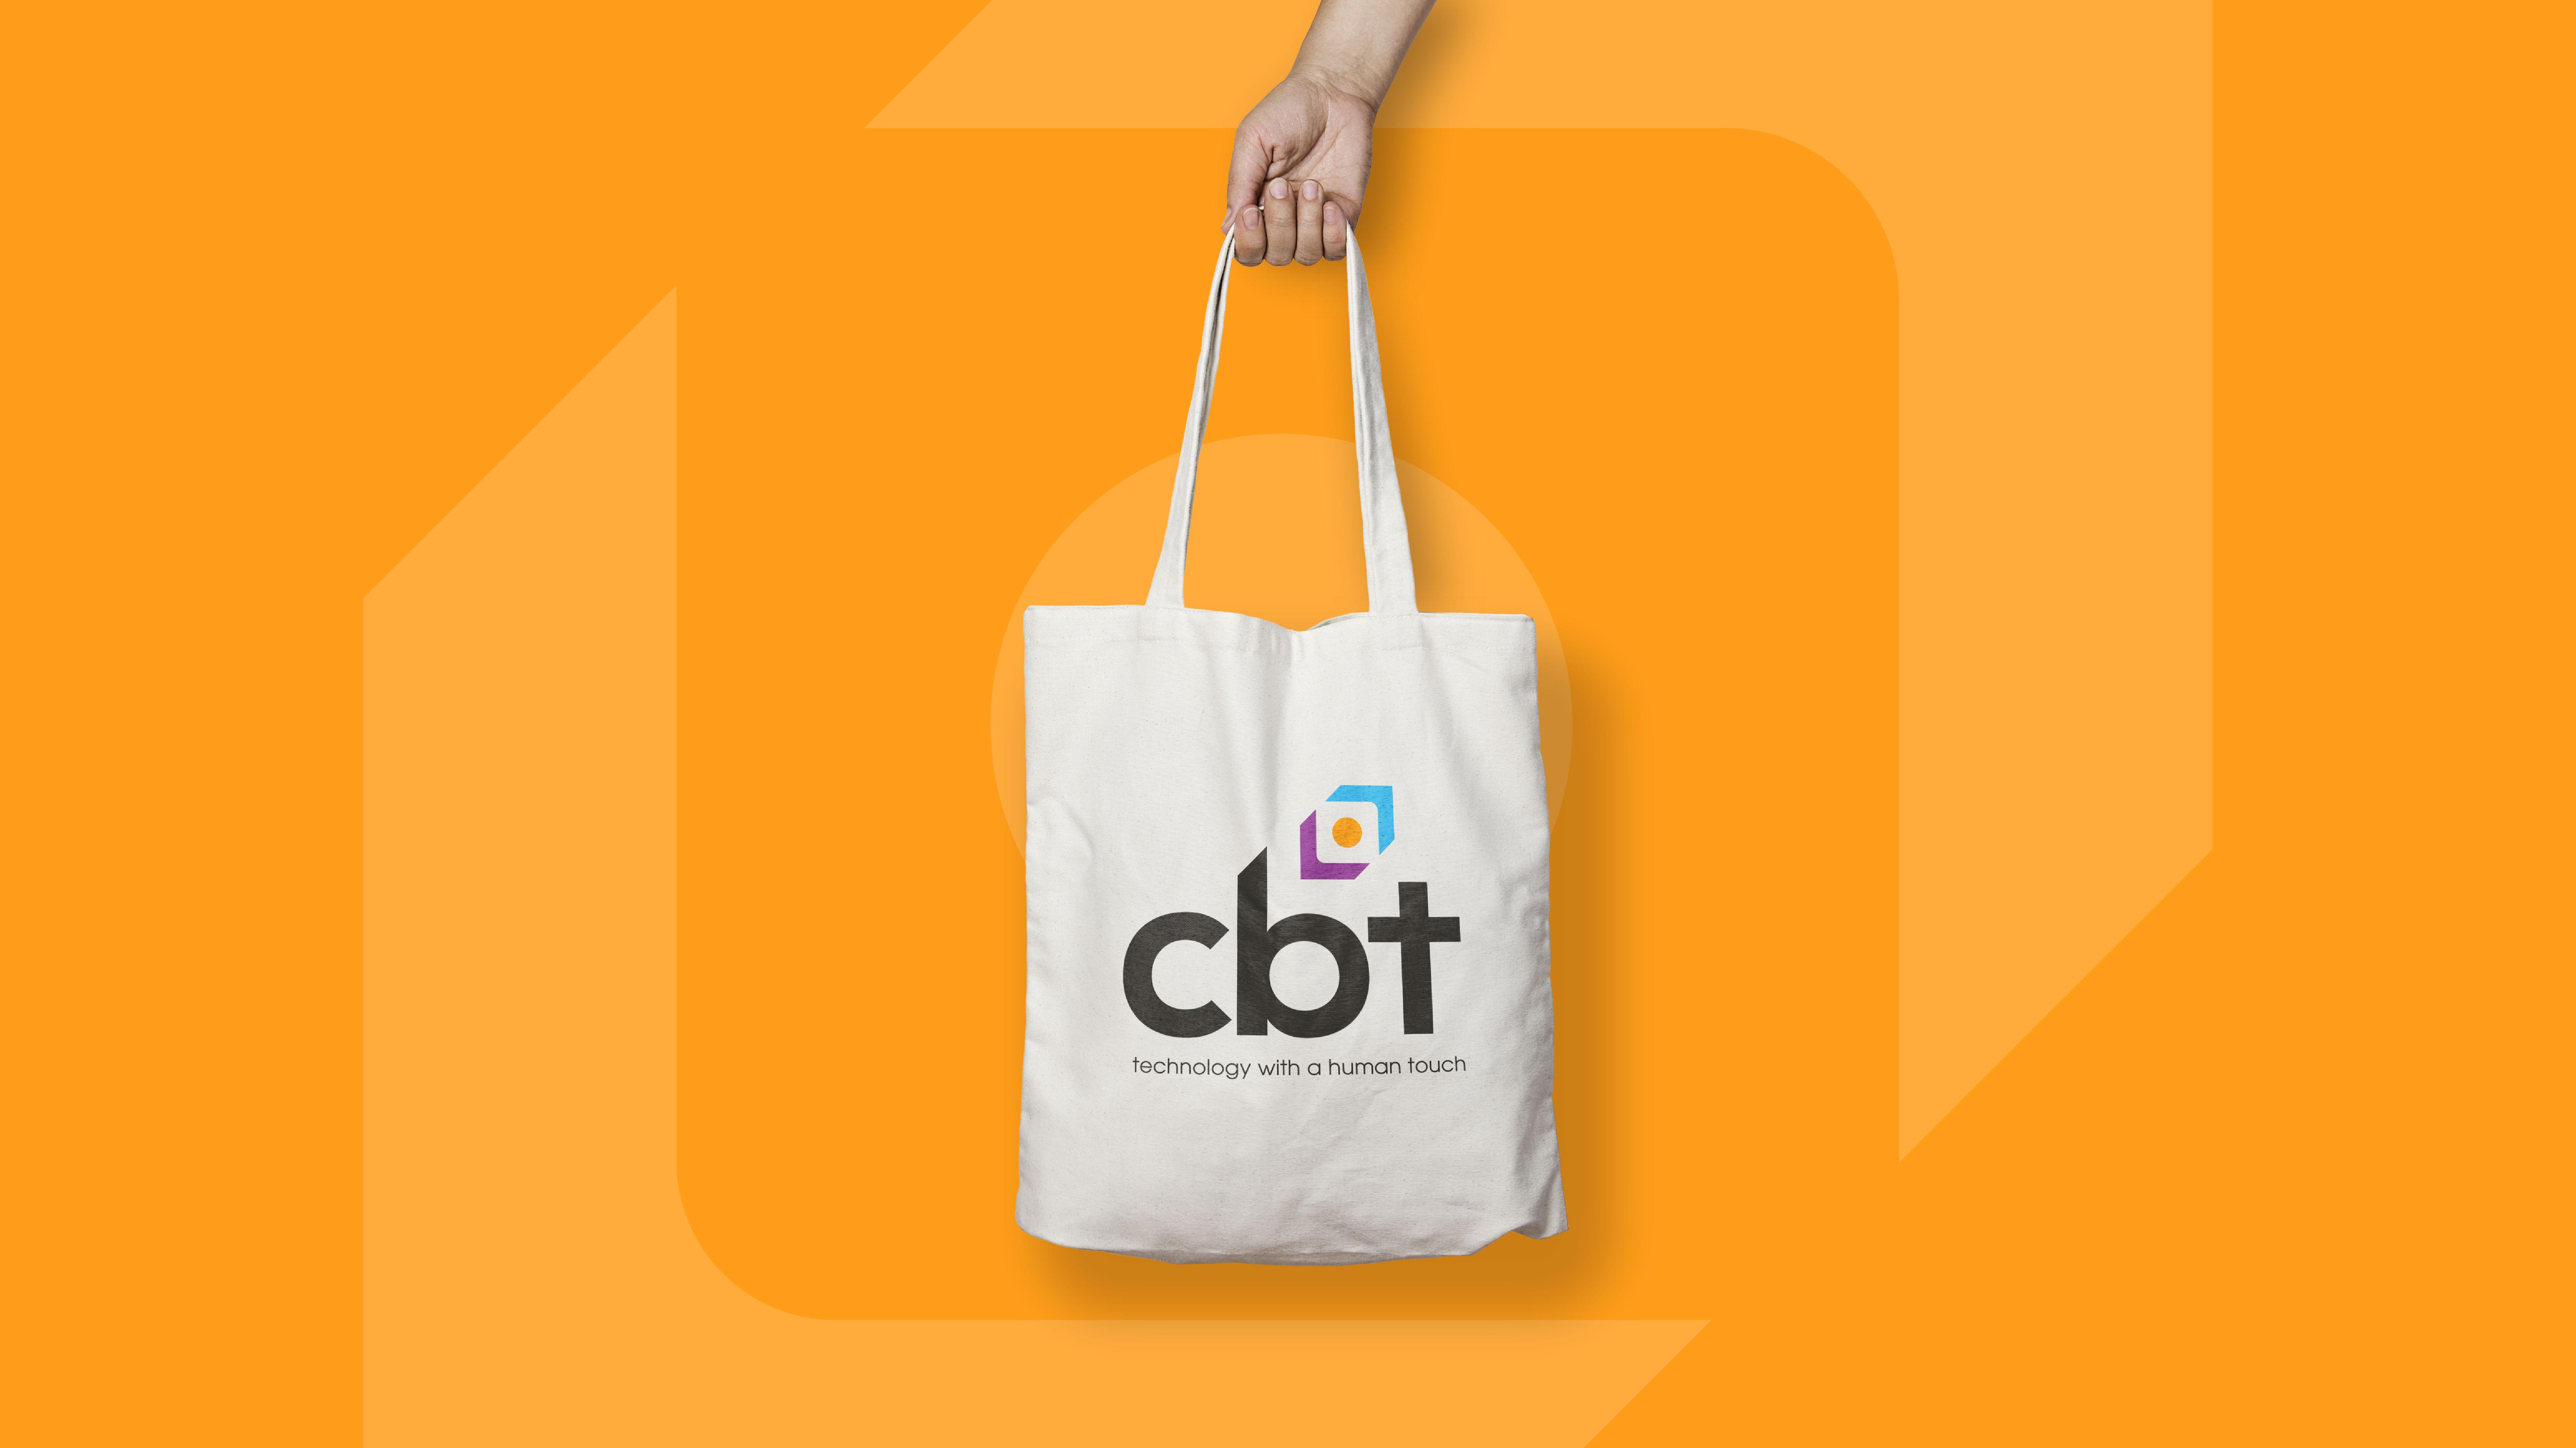 cbt branding on bag